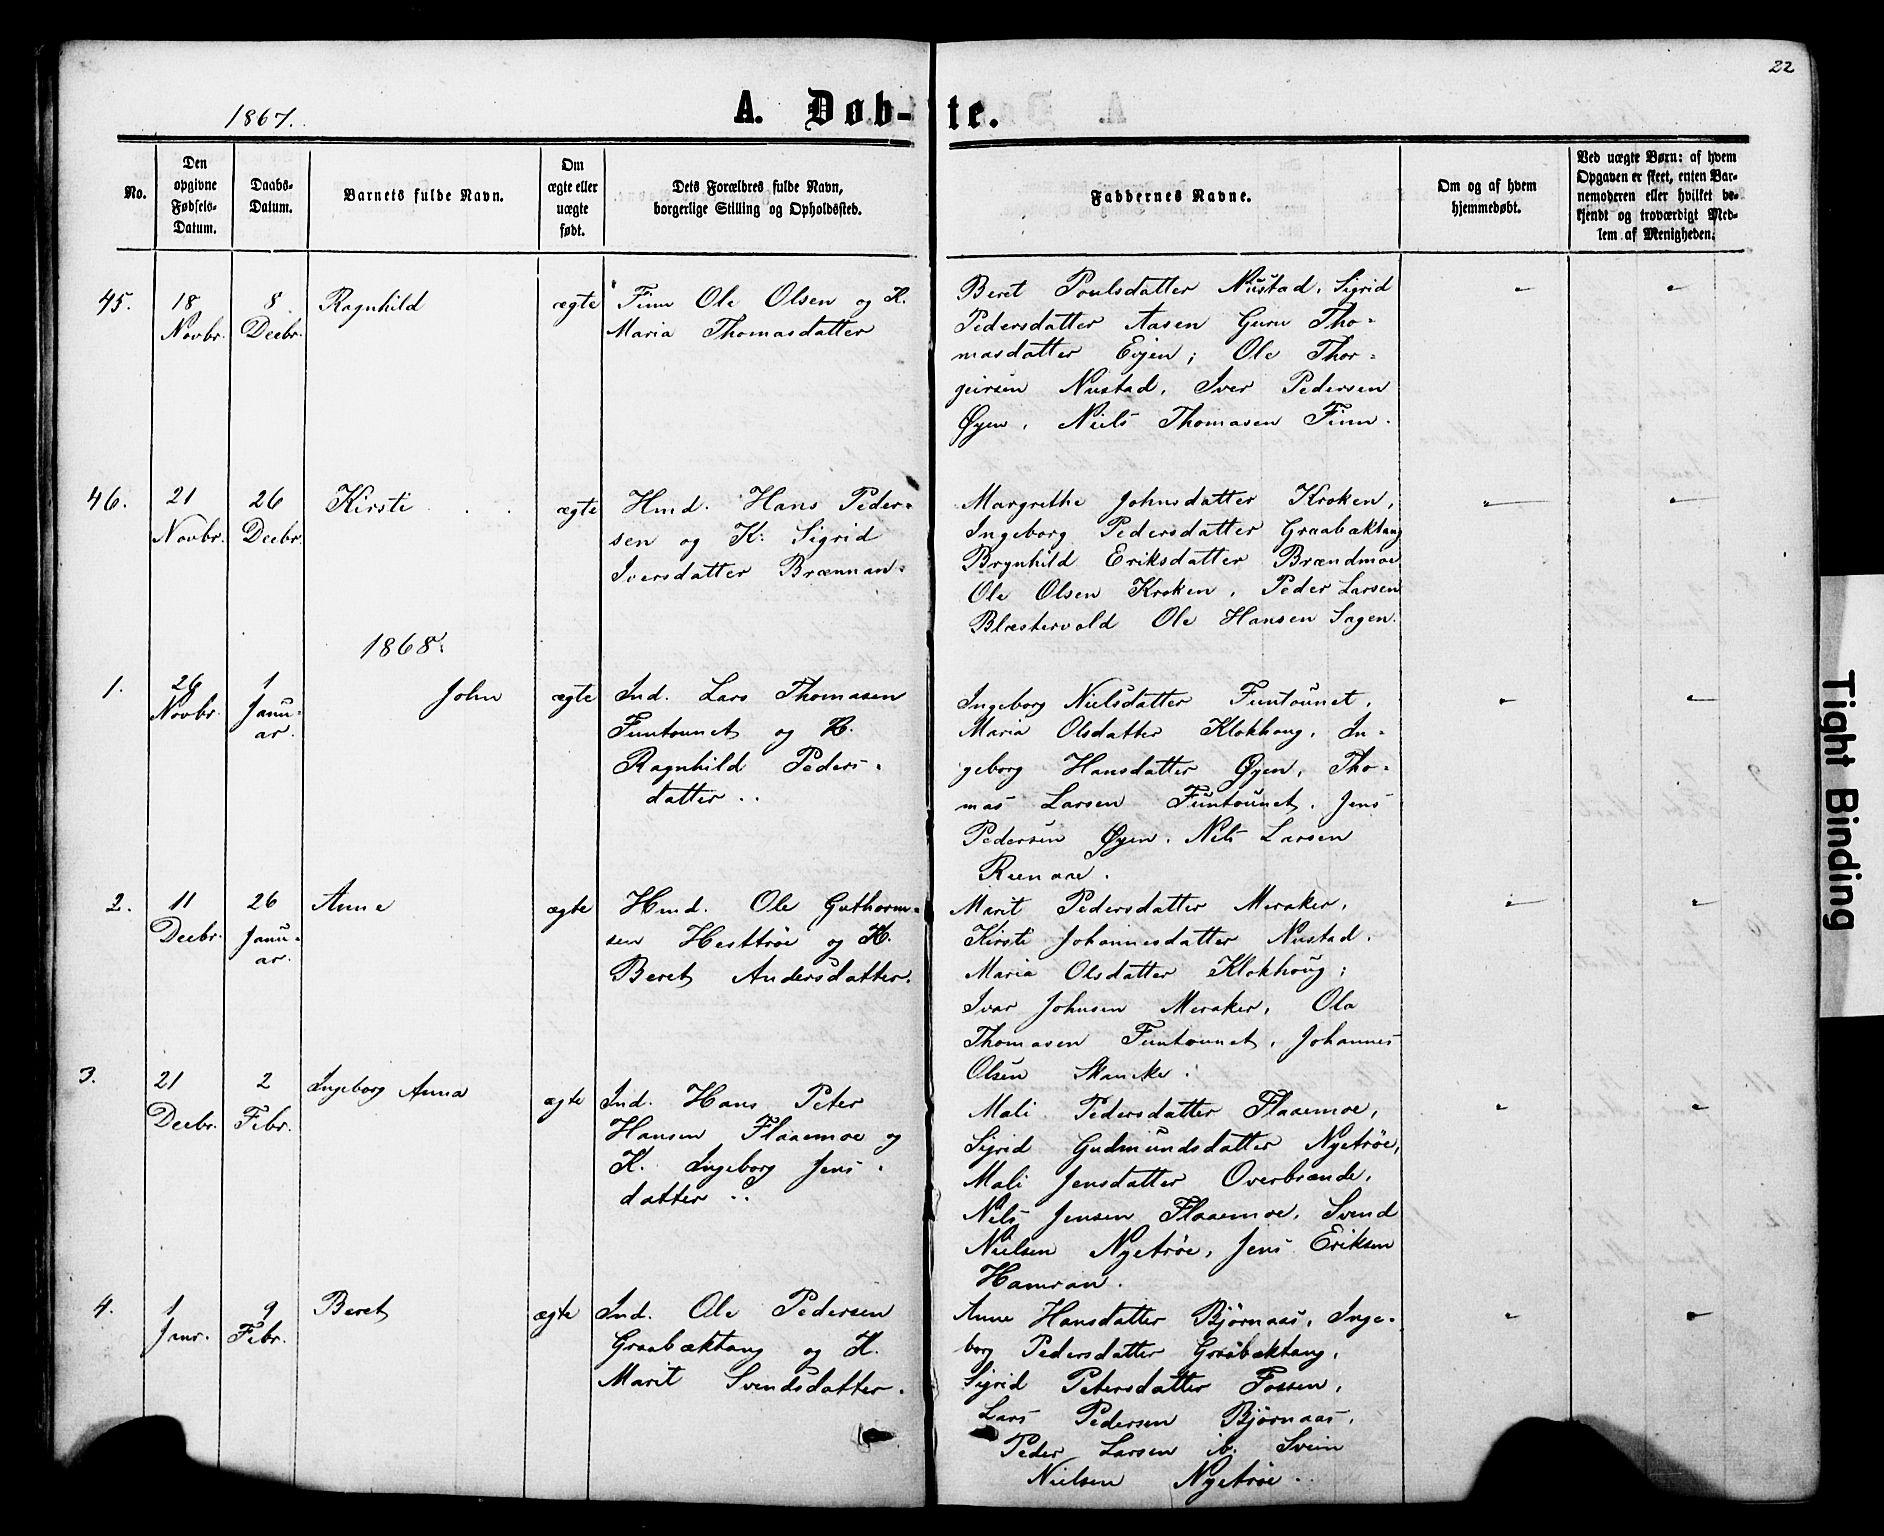 SAT, Ministerialprotokoller, klokkerbøker og fødselsregistre - Nord-Trøndelag, 706/L0049: Klokkerbok nr. 706C01, 1864-1895, s. 22